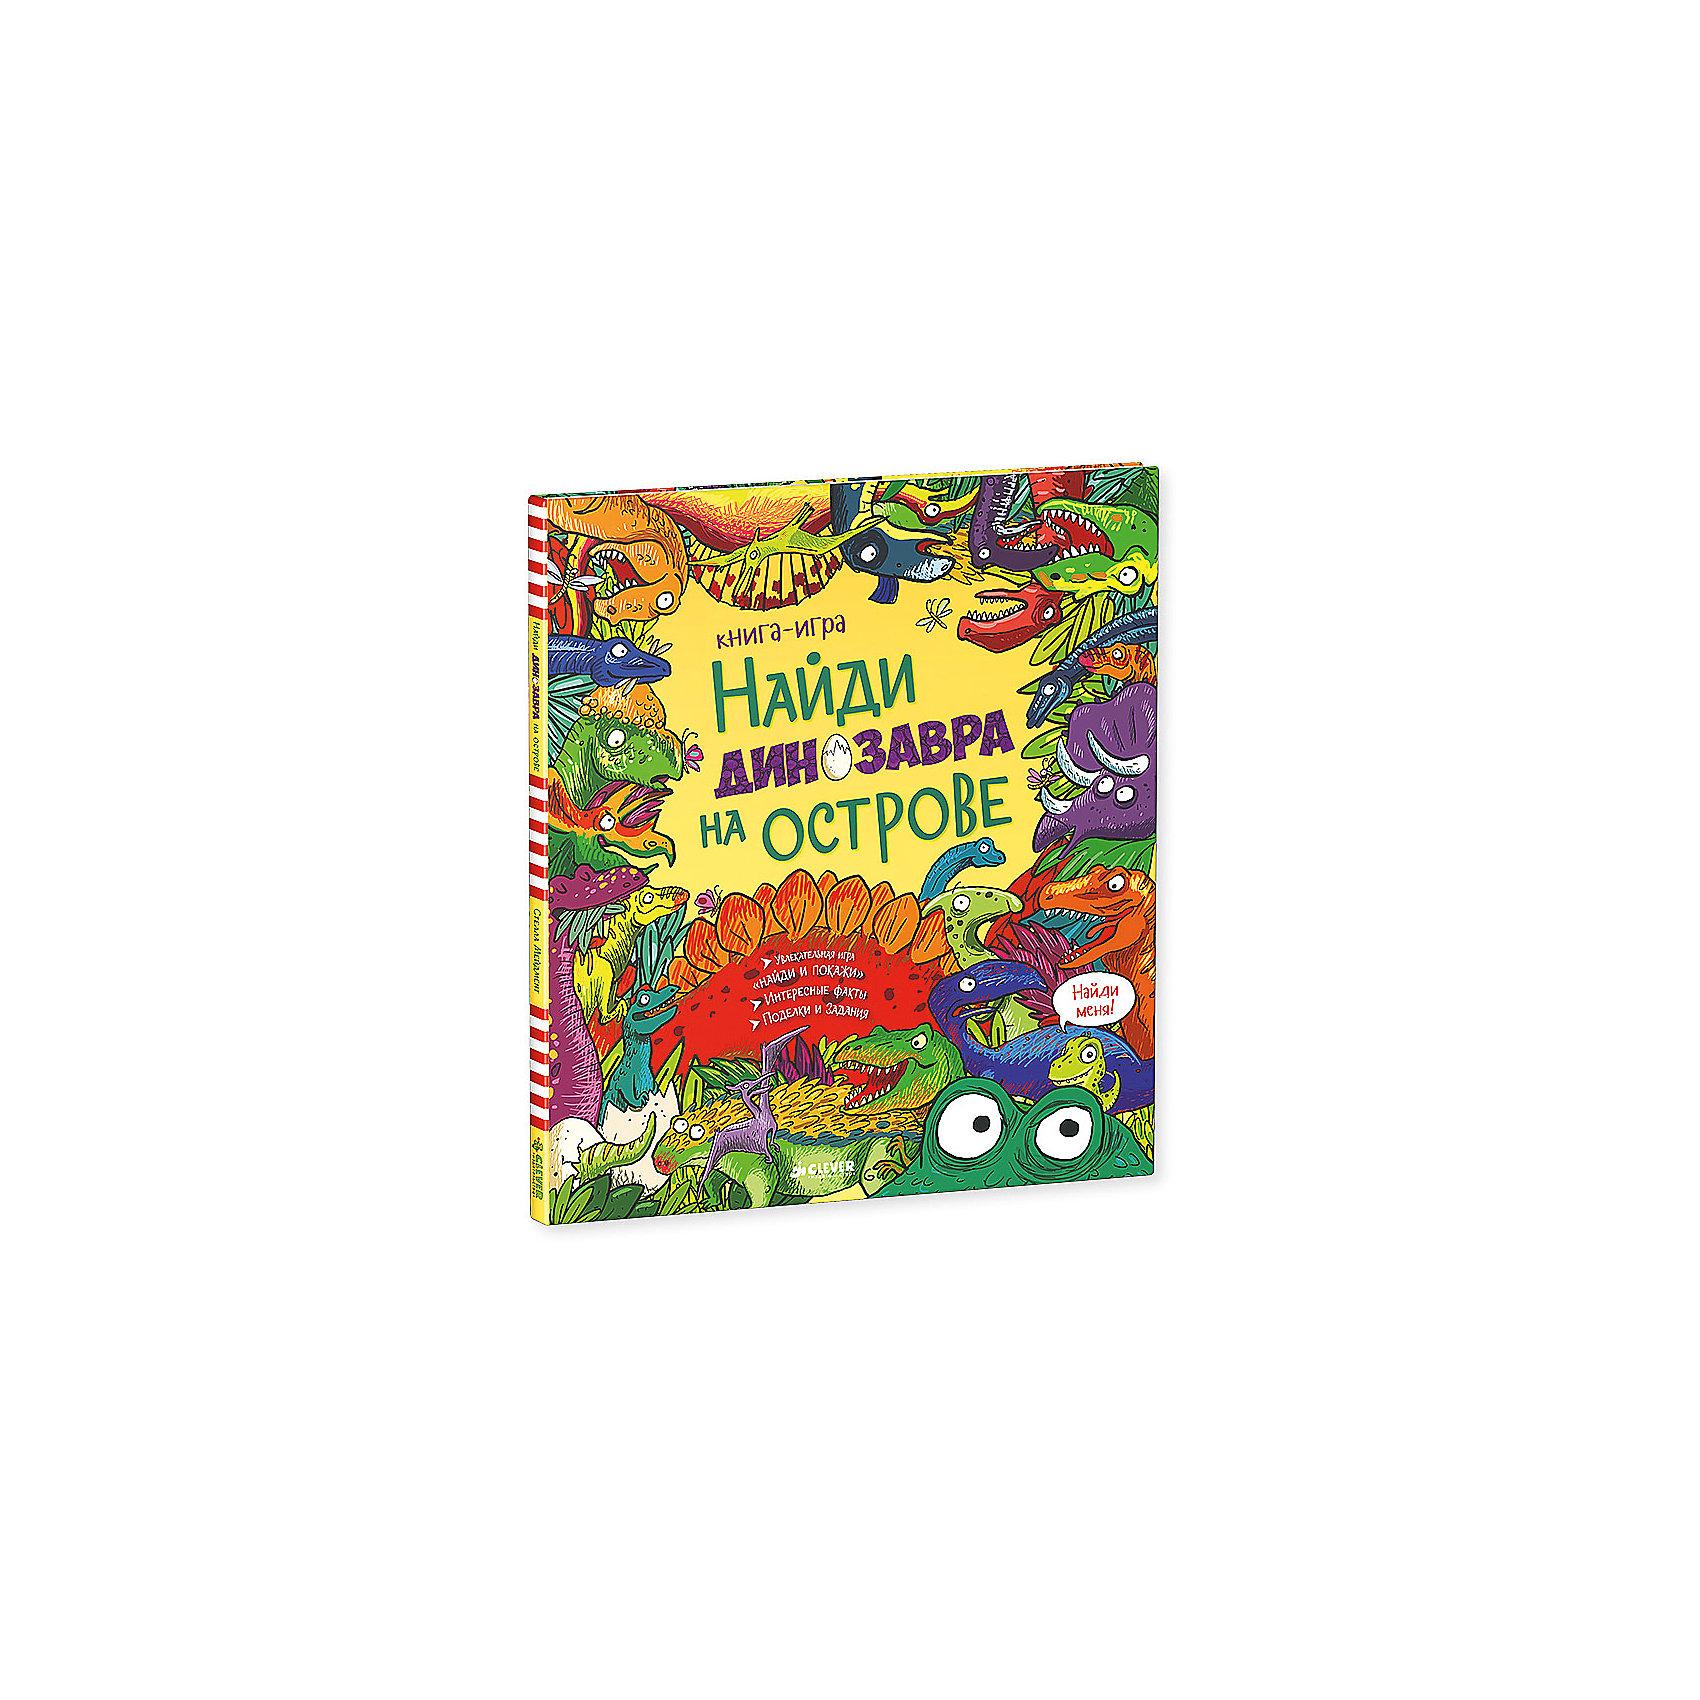 Найди динозавра на островеКниги для развития творческих навыков<br>Найди динозавра на острове – книга, в которой ребенка ждут яркие иллюстрации, увлекательные факты и задания, предметы для поиска.<br>Новая книжка-картинка серии «Найди и покажи» издательства Clever - «Найди динозавра на острове» станет одой из любимых книг вашего ребенком. Ведь это яркая книга с множеством картинок и занимательными заданиями и вопросами, связанными с динозаврами! На каждом развороте книги, рассказывающем о доисторических ящерах, предлагается найти 5 предметов, а один веселый персонаж - тираннозавр рекс прячется от вас на каждой странице книги! Тренируйте внимание, воображение, играйте в командные игры «Кто быстрее найдет предмет» вместе с книгой «Найди динозавра на острове», адресованной детям в возрасте от 2 до 5 лет. Книжка-картинки послужит прекрасным развивающим пособием и познакомит детей с доисторическим миром и его бесчисленными растениями и обитателями: желтым динозавром и зеленым ящером, желтой рыбкой и змеей, троодоном и дракорексом… И помните, что именно в игре дети в возрасте от 2 до 5 лет осваивают основные для этого периода навыки – внимательность, воображение и память. А яркая обложка, удобный формат и качественная полиграфия сделают эту книгу лучшим подарком для любимых непосед!<br><br>Дополнительная информация:<br><br>- Автор: Мейдмент Стелла<br>- Художник: Дрейдеми Жоэль<br>- Переводчик: Покидаева Татьяна<br>- Издательство: Клевер Медиа Групп, 2015 г.<br>- Серия: Найди и покажи<br>- Тип обложки: 7Б - твердая (плотная бумага или картон)<br>- Оформление: частичная лакировка<br>- Иллюстрации: цветные<br>- Количество страниц: 24 (мелованная)<br>- Размер: 260x236x8 мм.<br>- Вес: 322 гр.<br><br>Книгу «Найди динозавра на острове» можно купить в нашем интернет-магазине.<br><br>Ширина мм: 230<br>Глубина мм: 250<br>Высота мм: 10<br>Вес г: 300<br>Возраст от месяцев: 0<br>Возраст до месяцев: 36<br>Пол: Унисекс<br>Возраст: Детский<br>SKU: 4419602